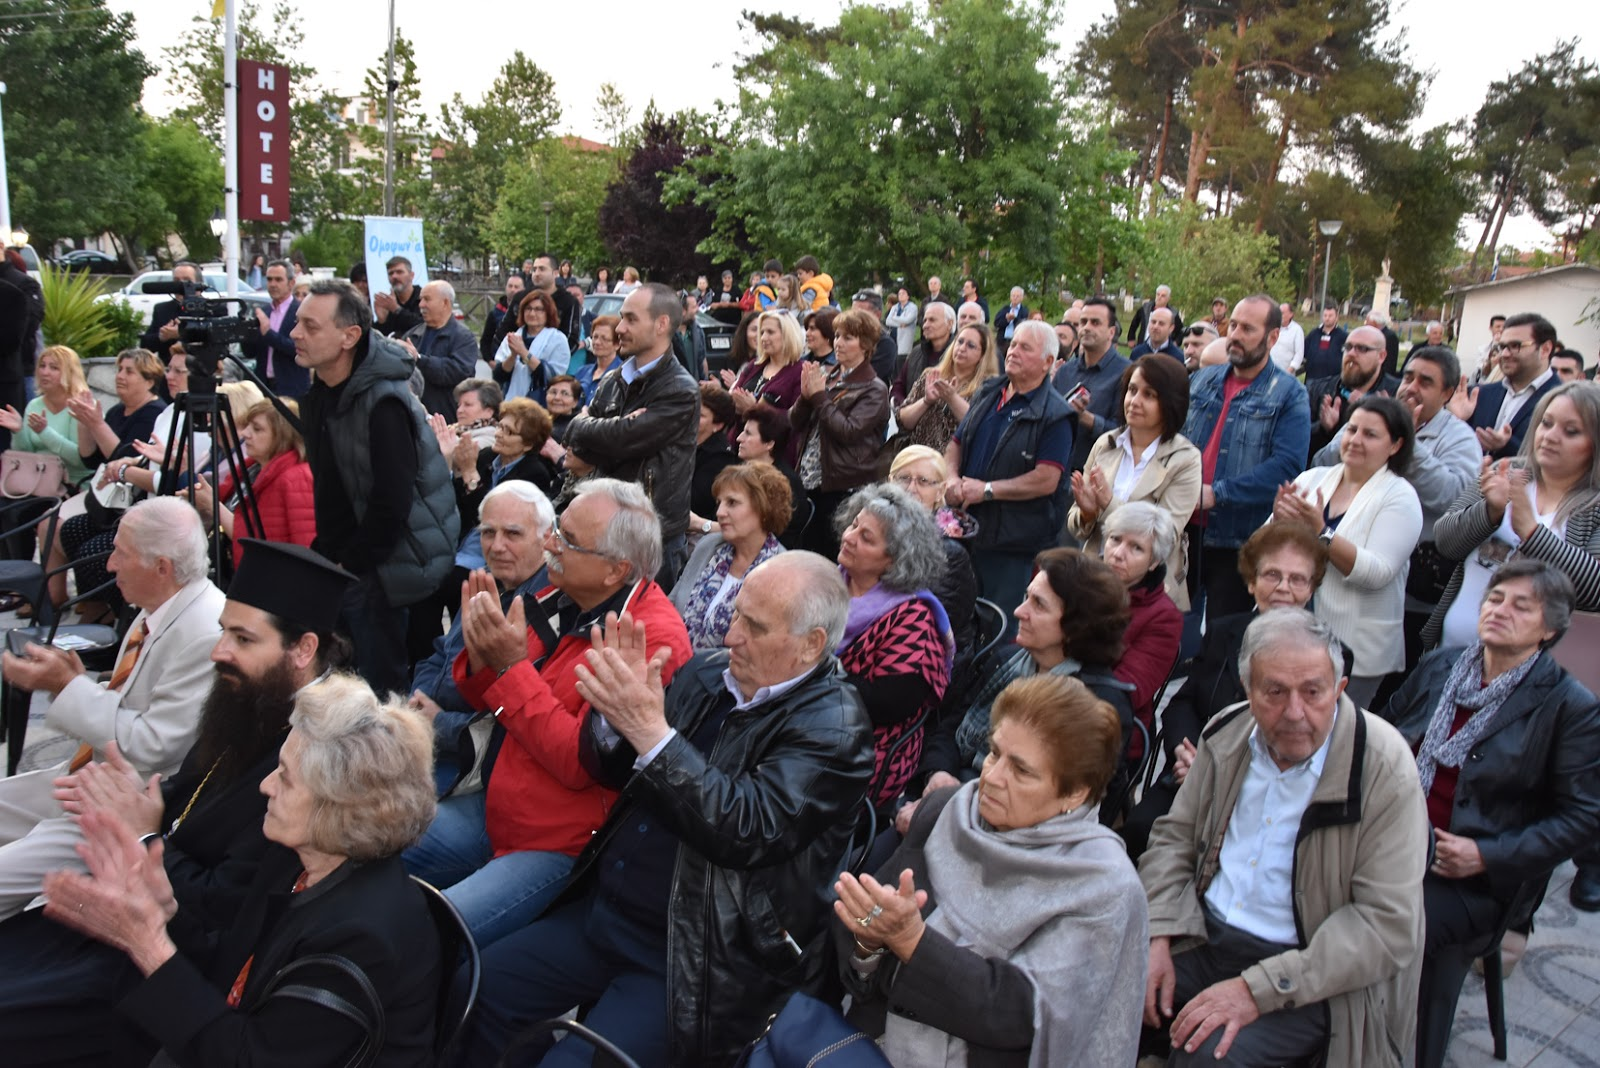 Ψήφος εμπιστοσύνης στον Στέλιο Βαλιάνο και από την Ιερισσό «Με ενότητα απαντάμε στις αναχρονιστικές προκλήσεις»